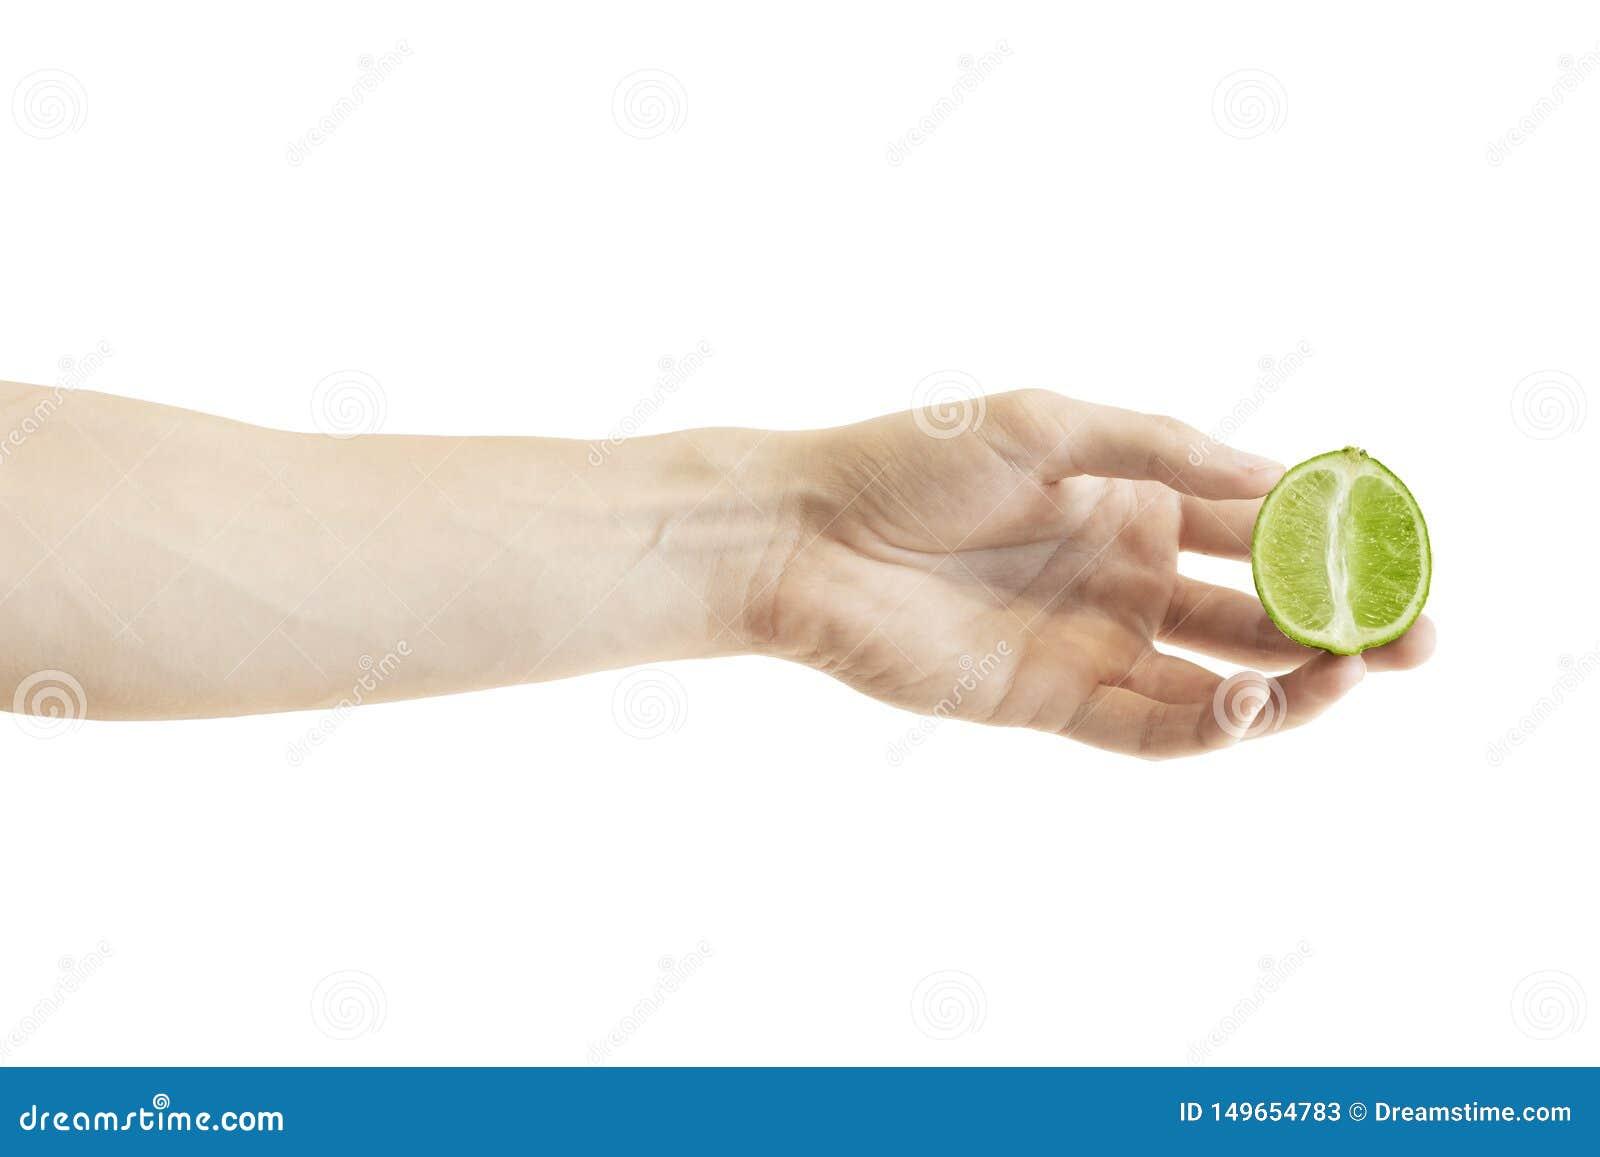 Uma meia fatia shredded de cal verde na mão dos homens isolada no fundo branco